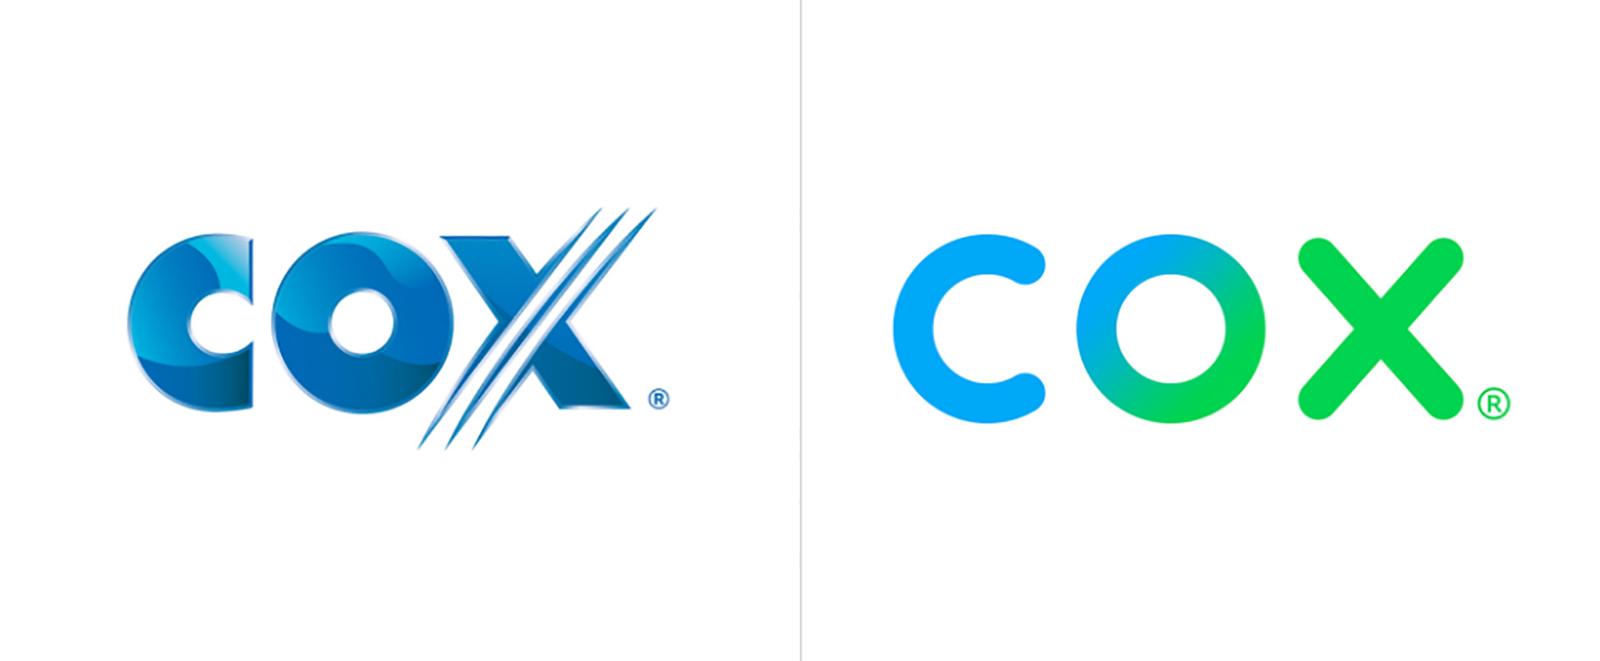 Cox通信品牌更新全新的品牌VI视觉形象设计-深圳VI设计